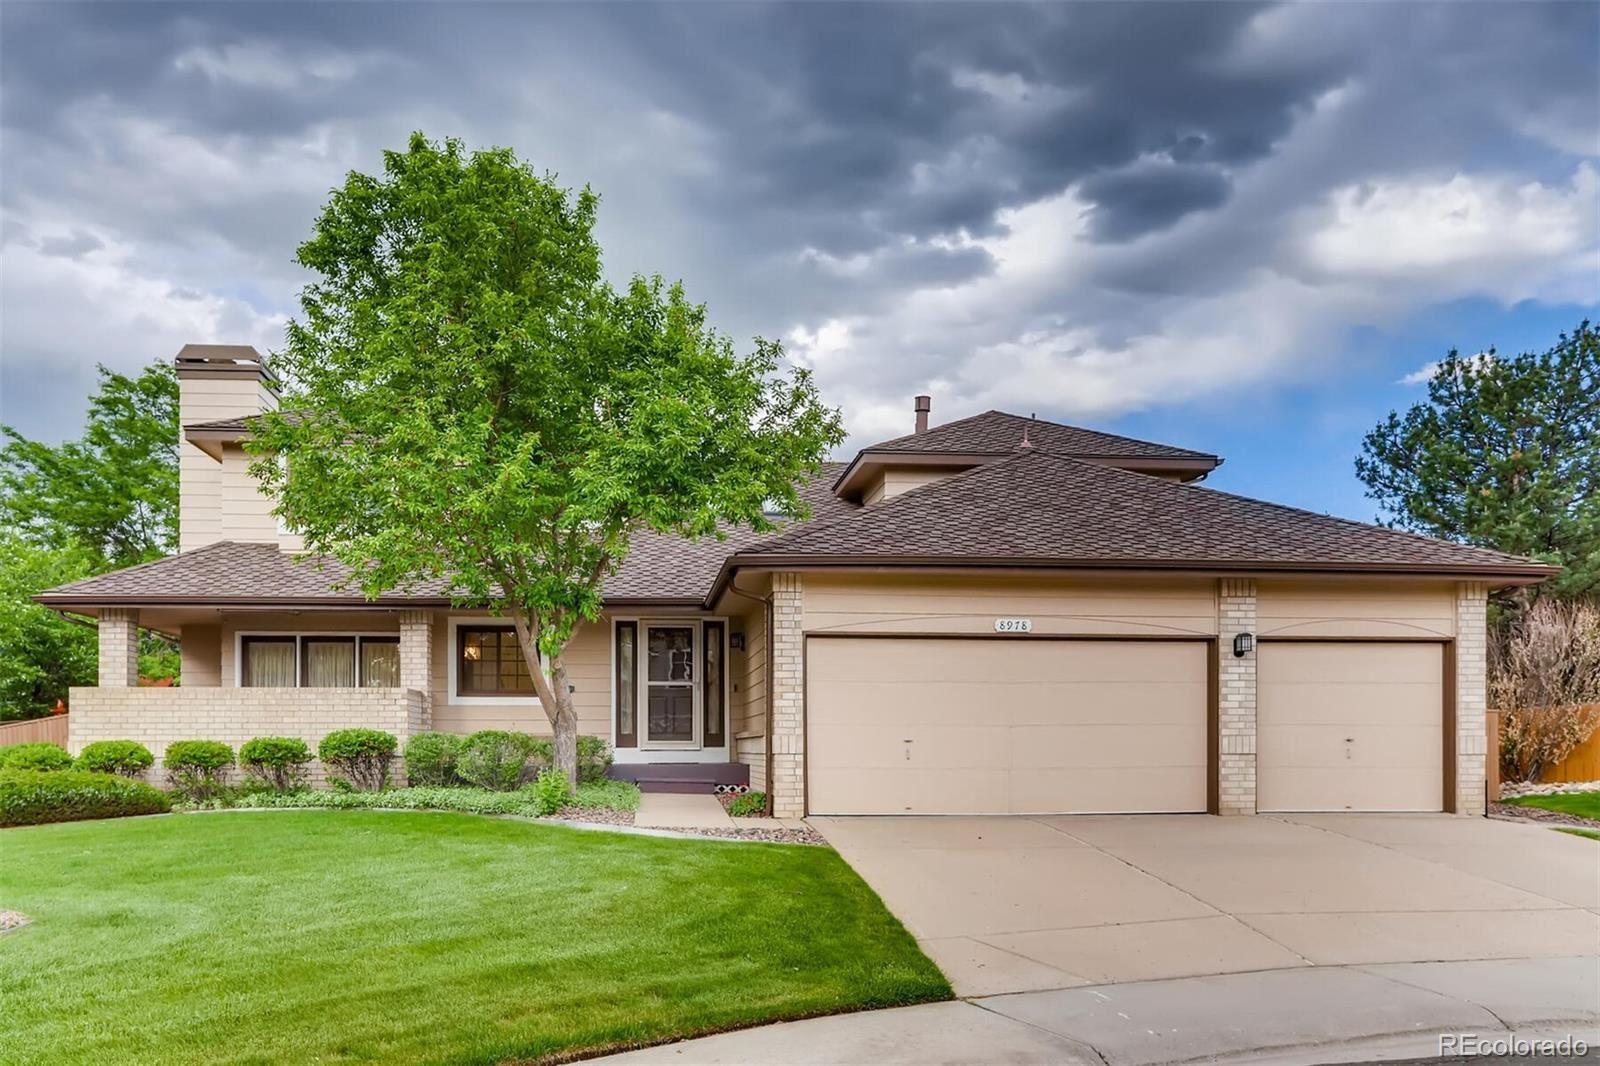 8978 Green Meadows Lane, Highlands Ranch, CO 80126 - MLS#: 5188815